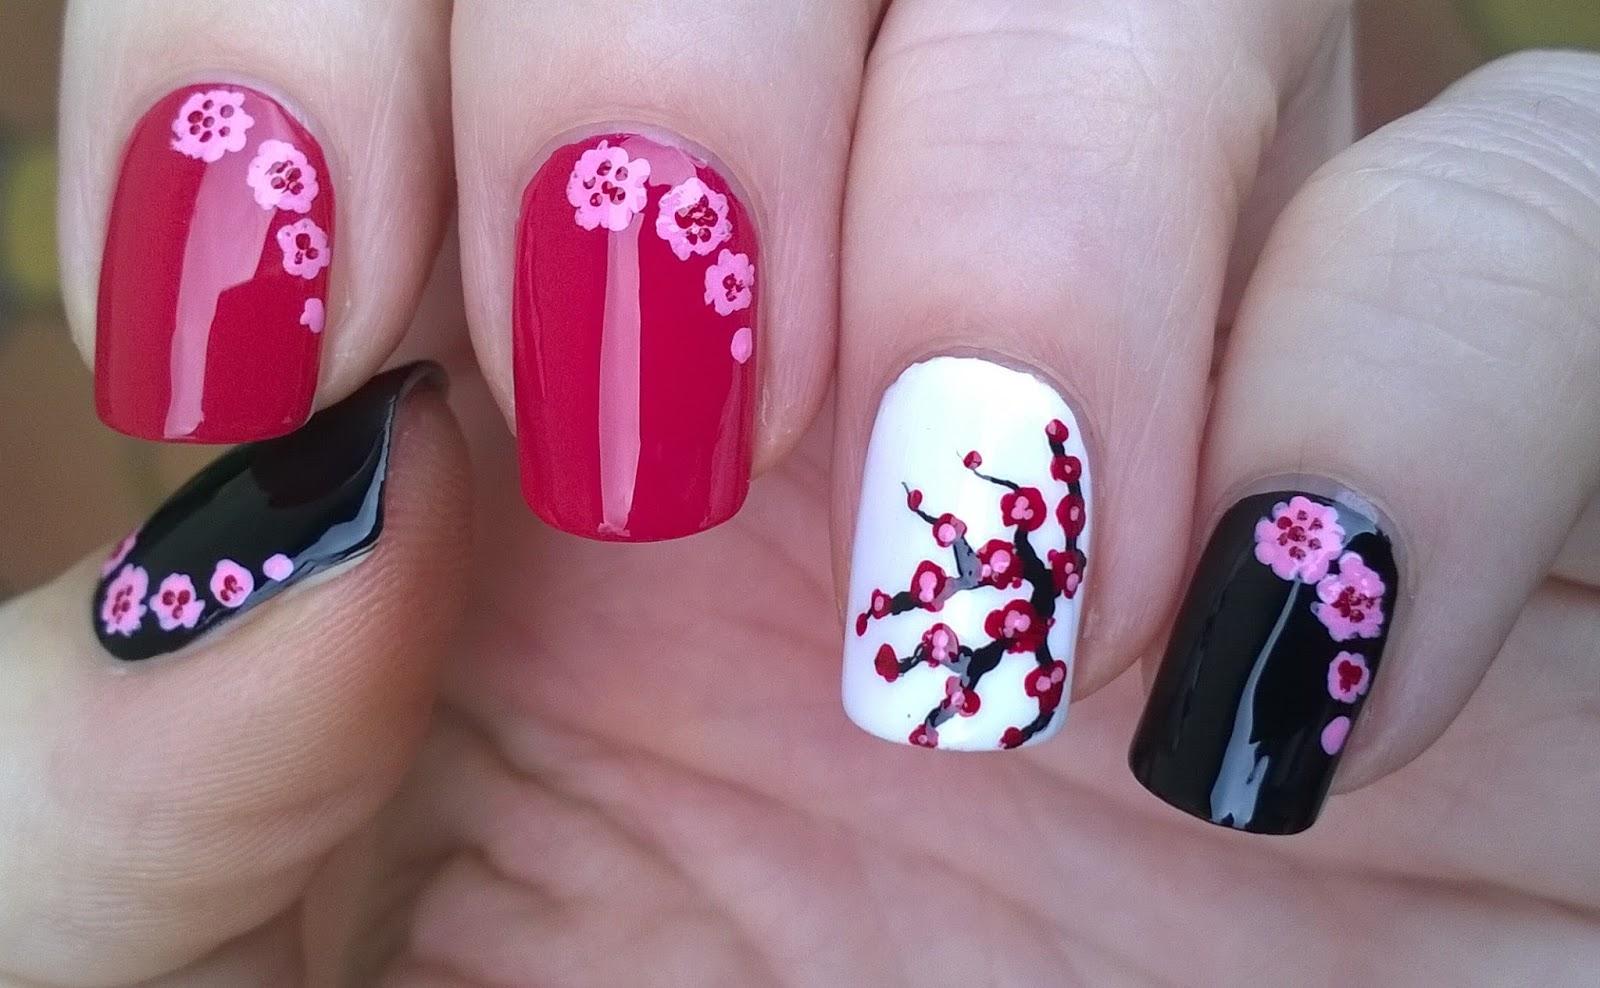 Life World Women: Cherry Blossom Nails / Toothpick Nail Art!